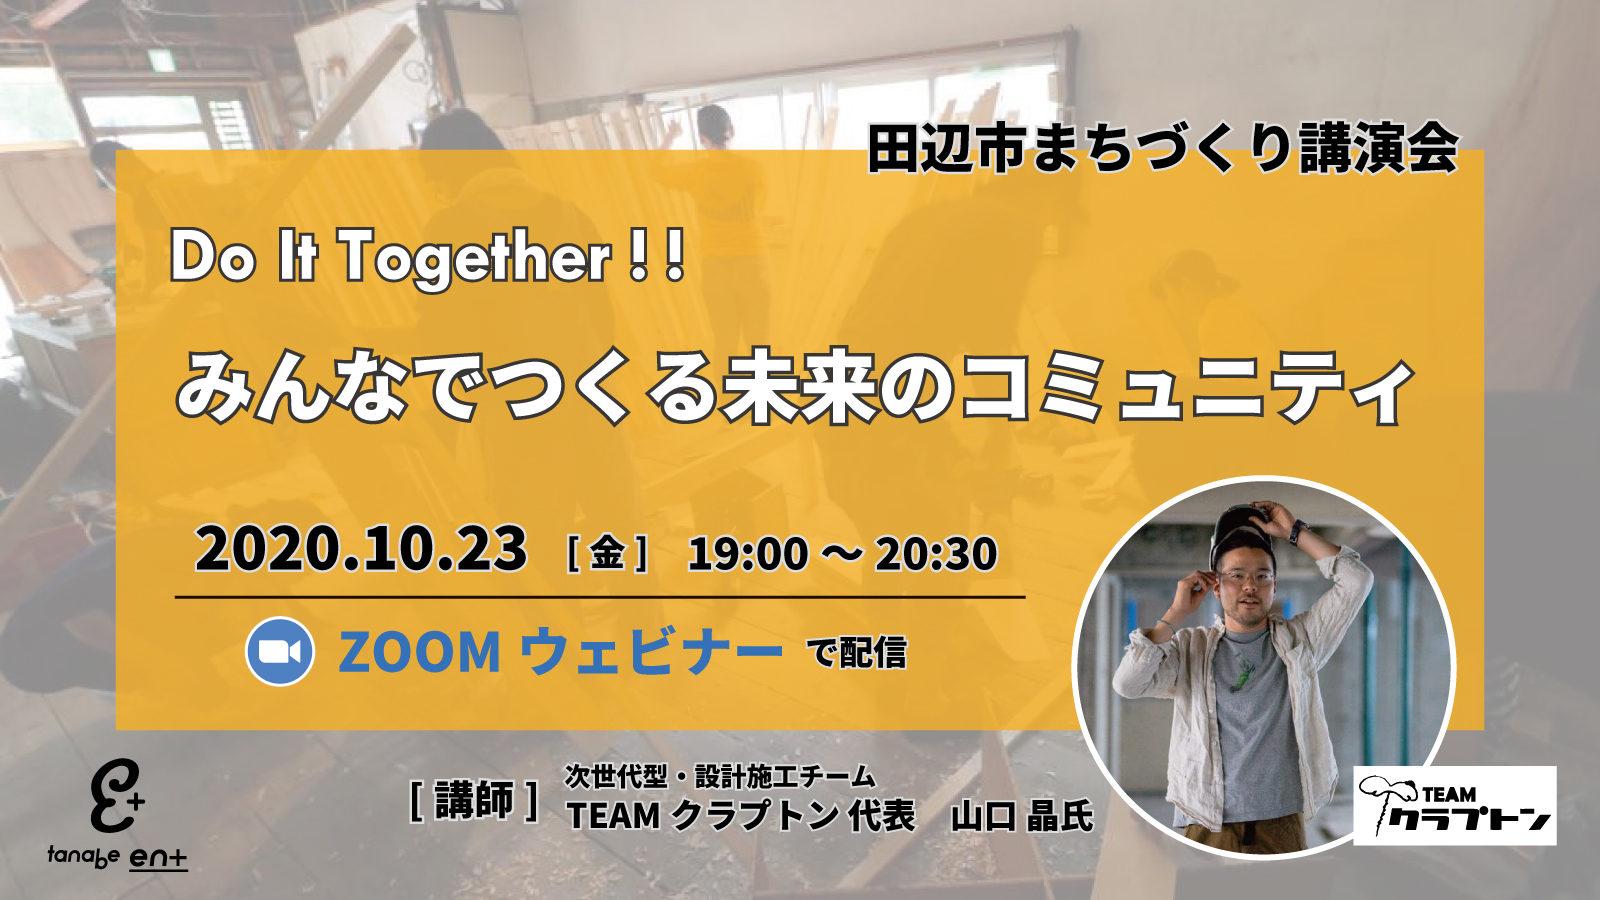 【オンライン講演会】DIT(Do It Together ! !) みんなでつくる未来のコミュニティ